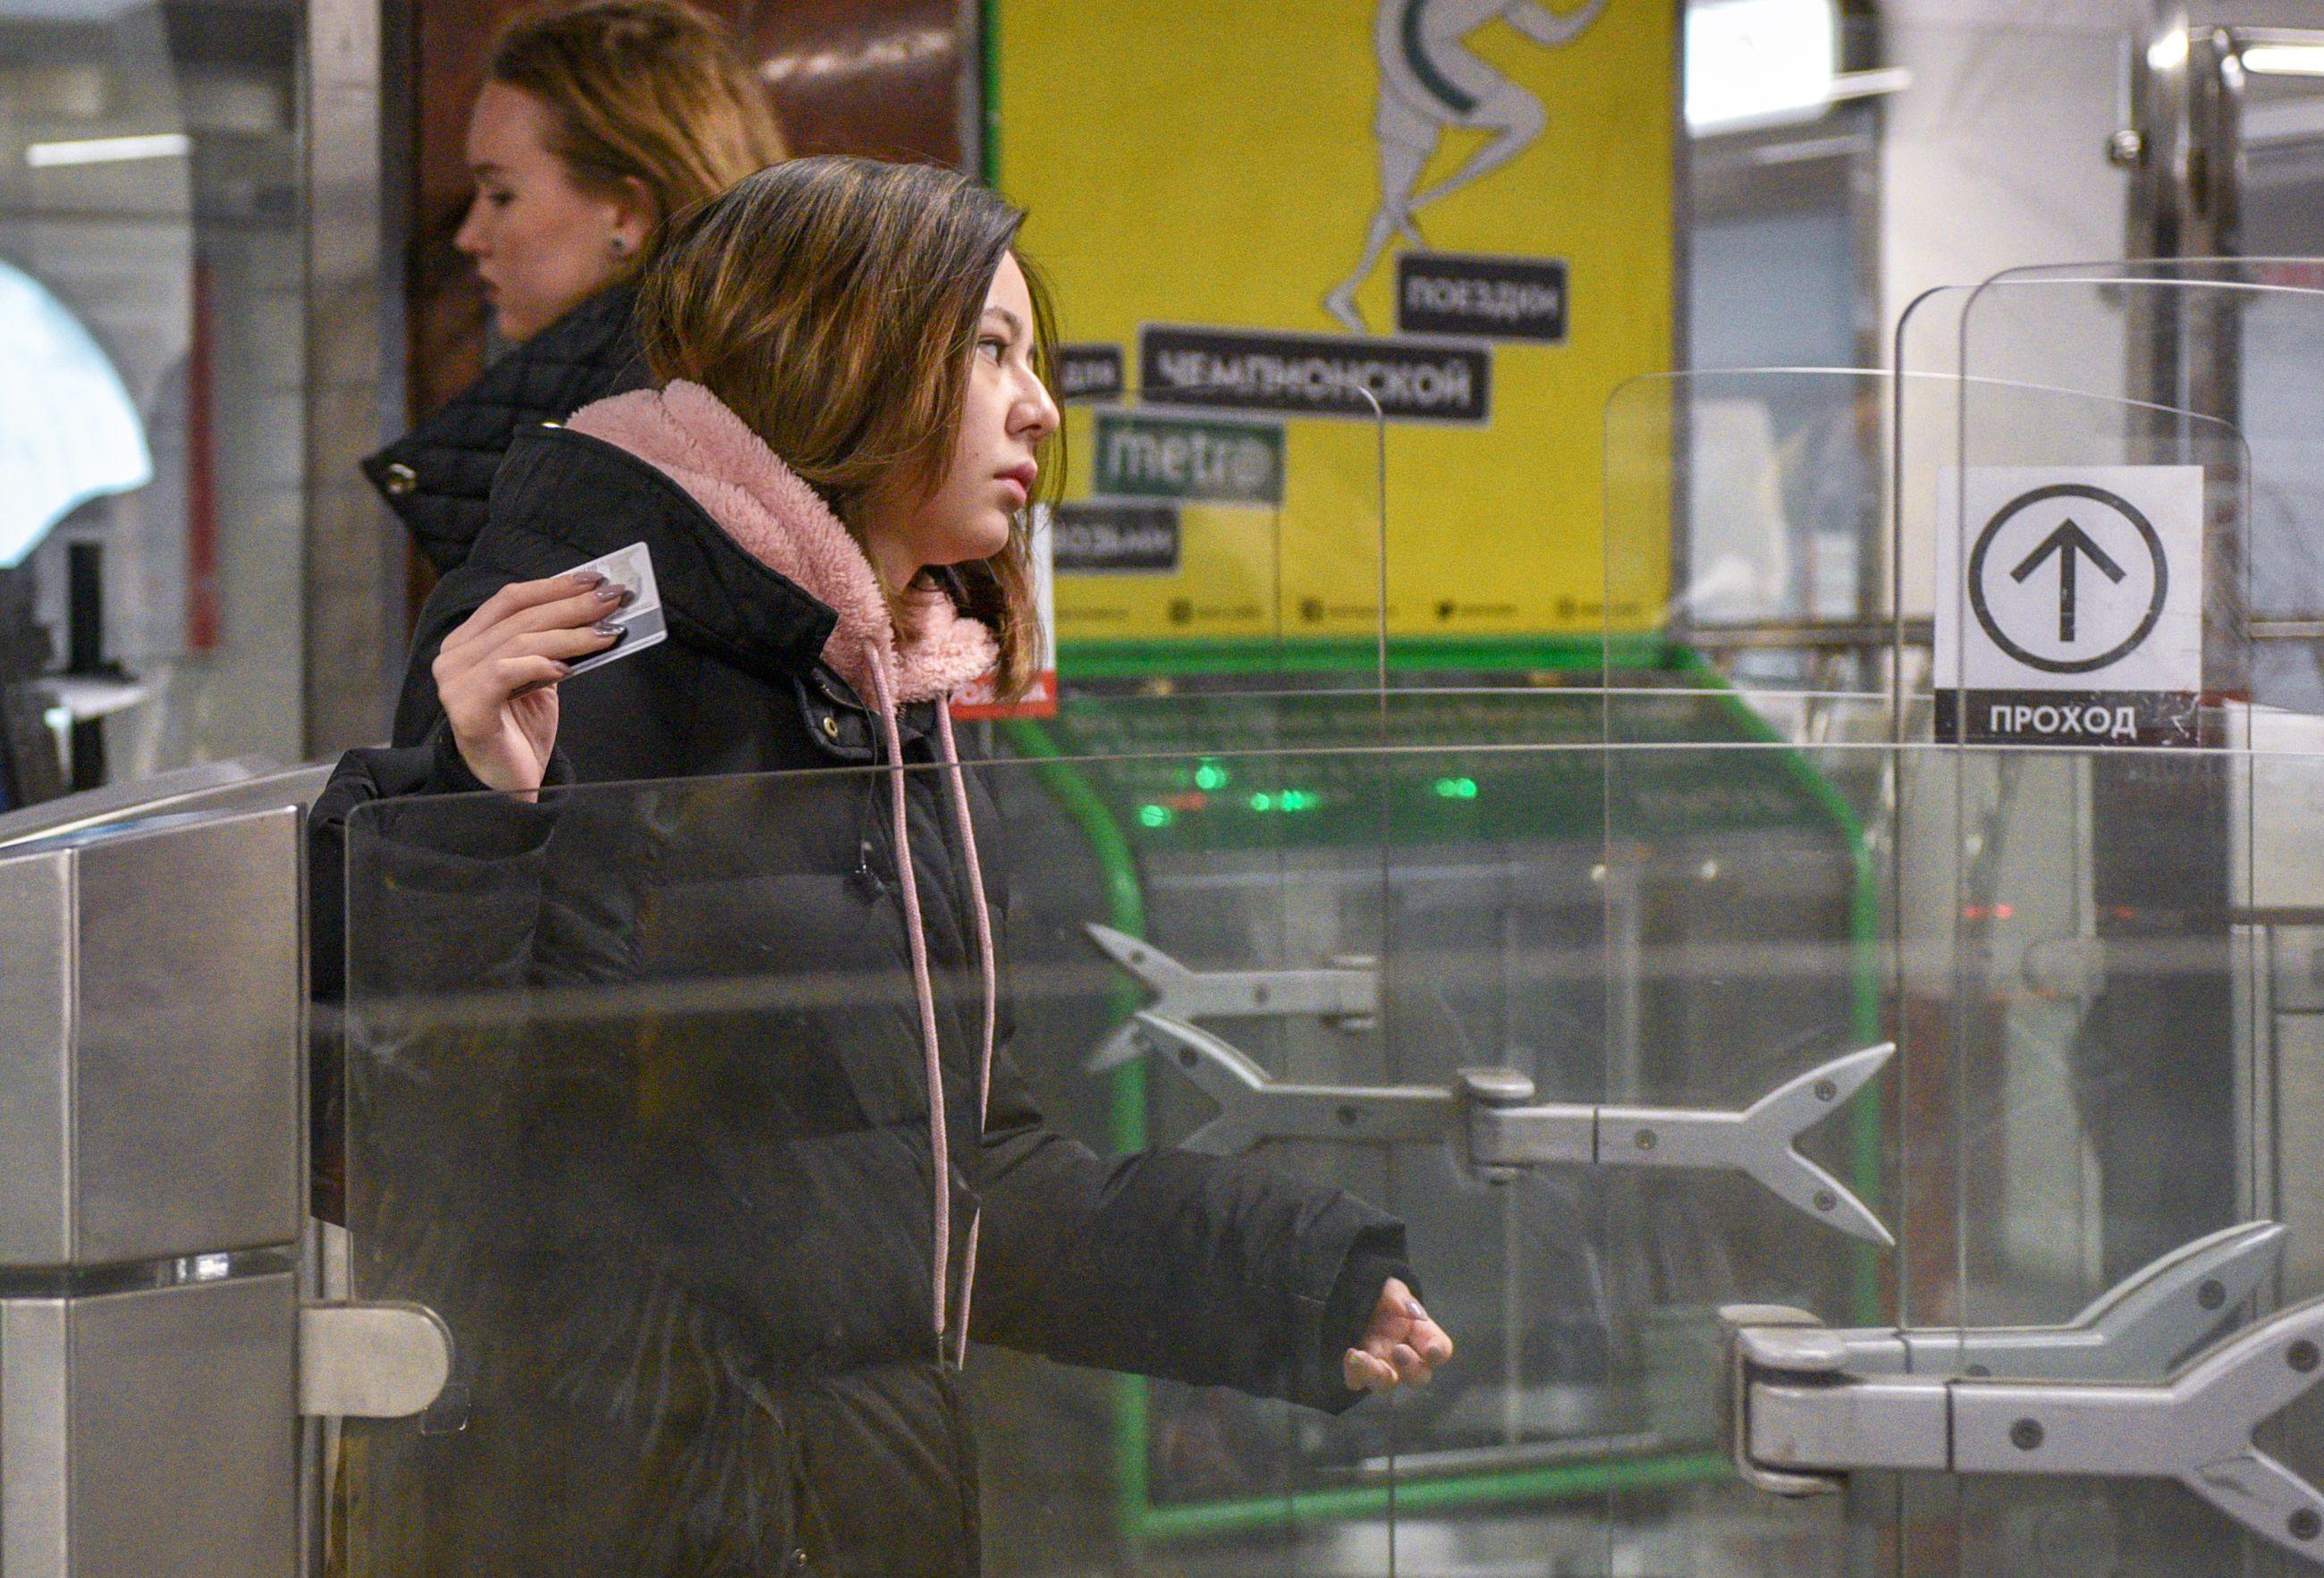 Некоторые вестибюли станций МЦК «Площадь Гагарина» и метро «Алма-Атинская» временно закроют